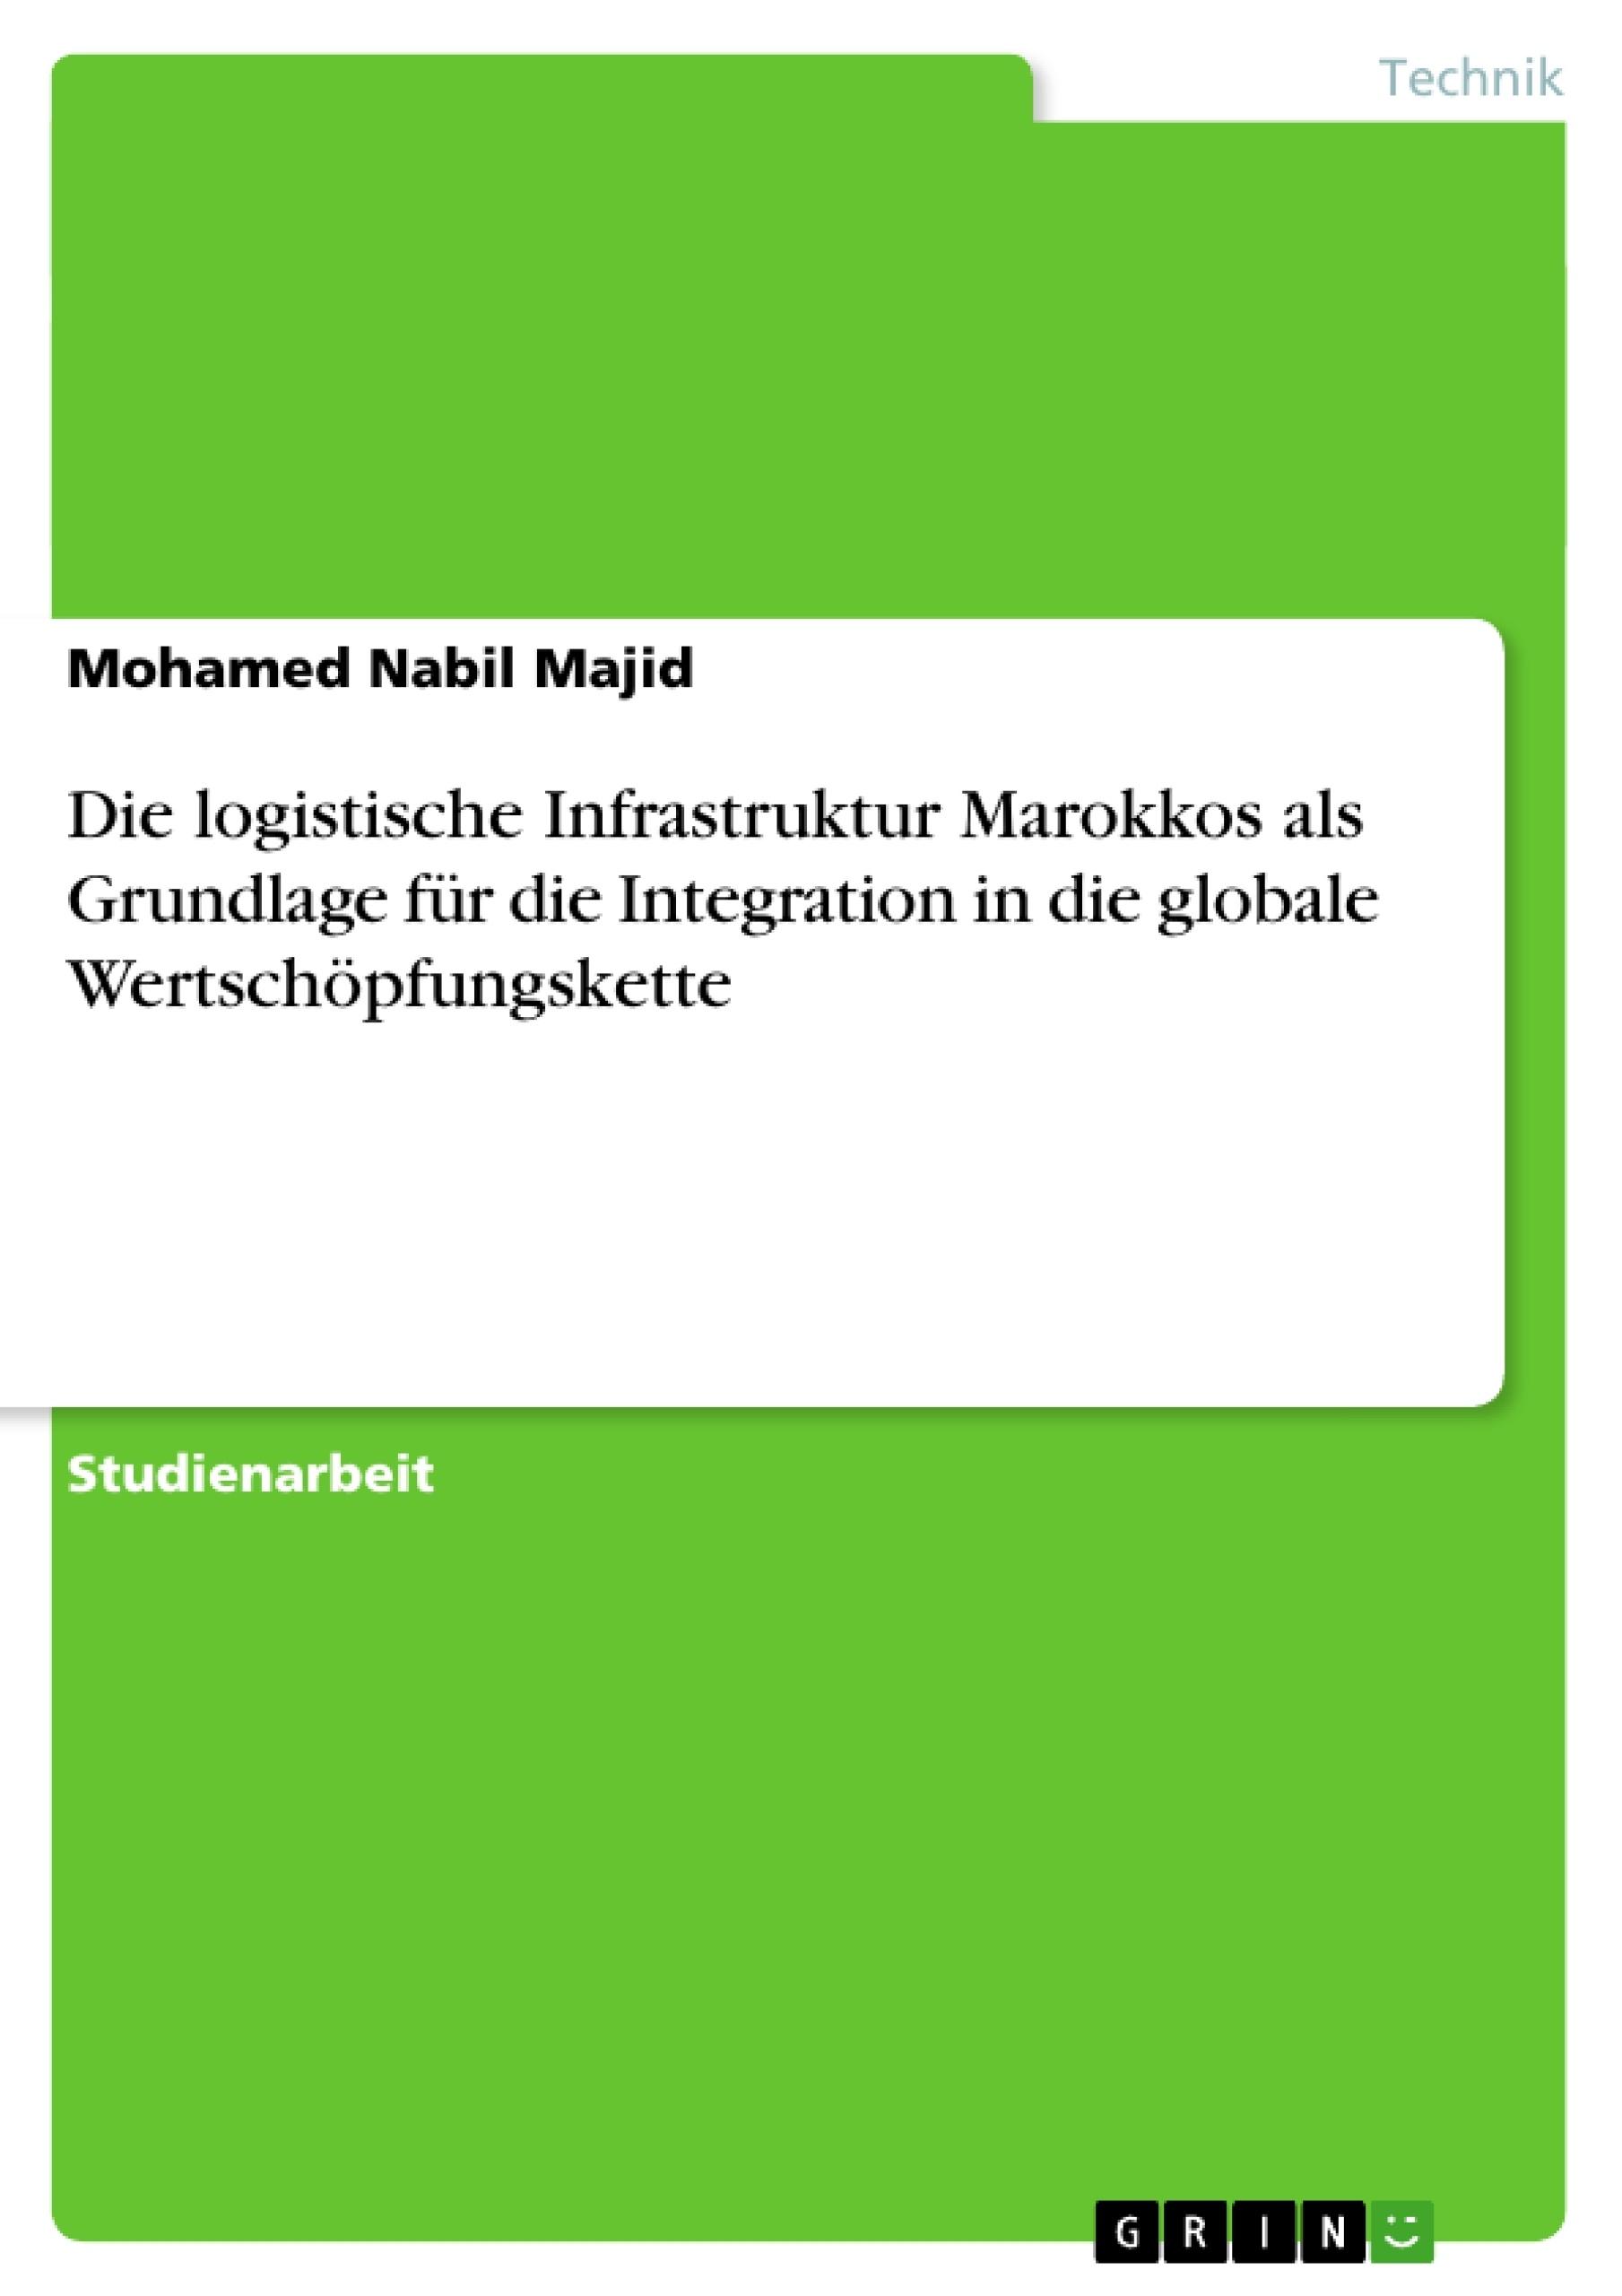 Titel: Die logistische Infrastruktur Marokkos als Grundlage für die Integration in die globale Wertschöpfungskette